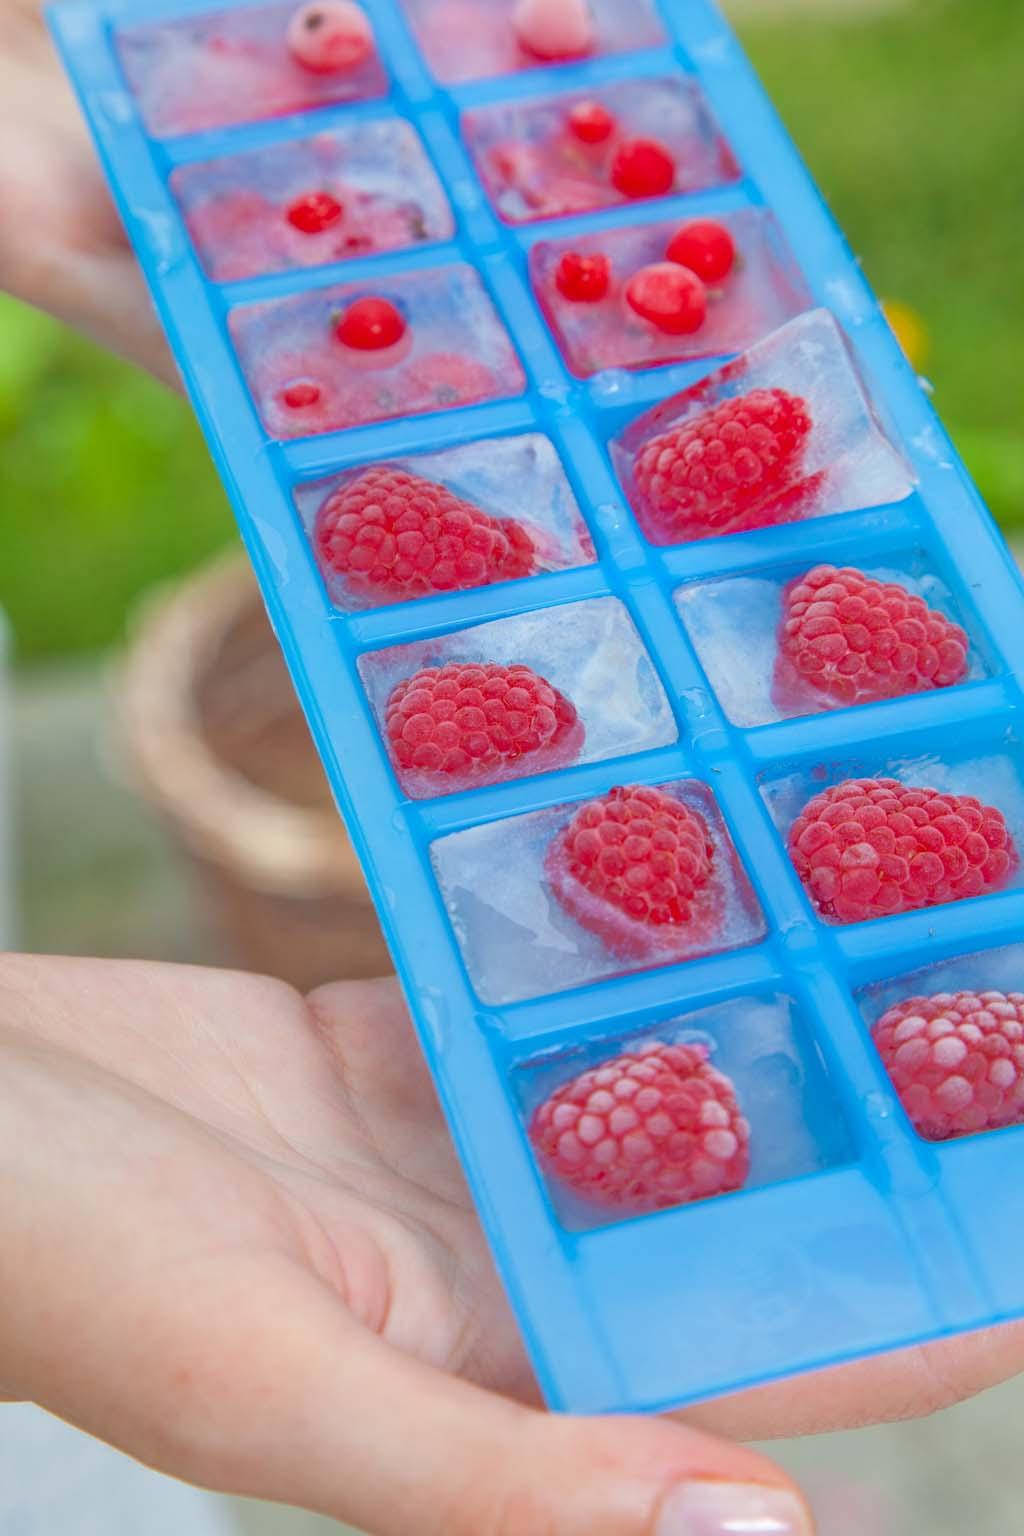 Pomysł na… letnie przyjęcie. Owocowe kostki lodu